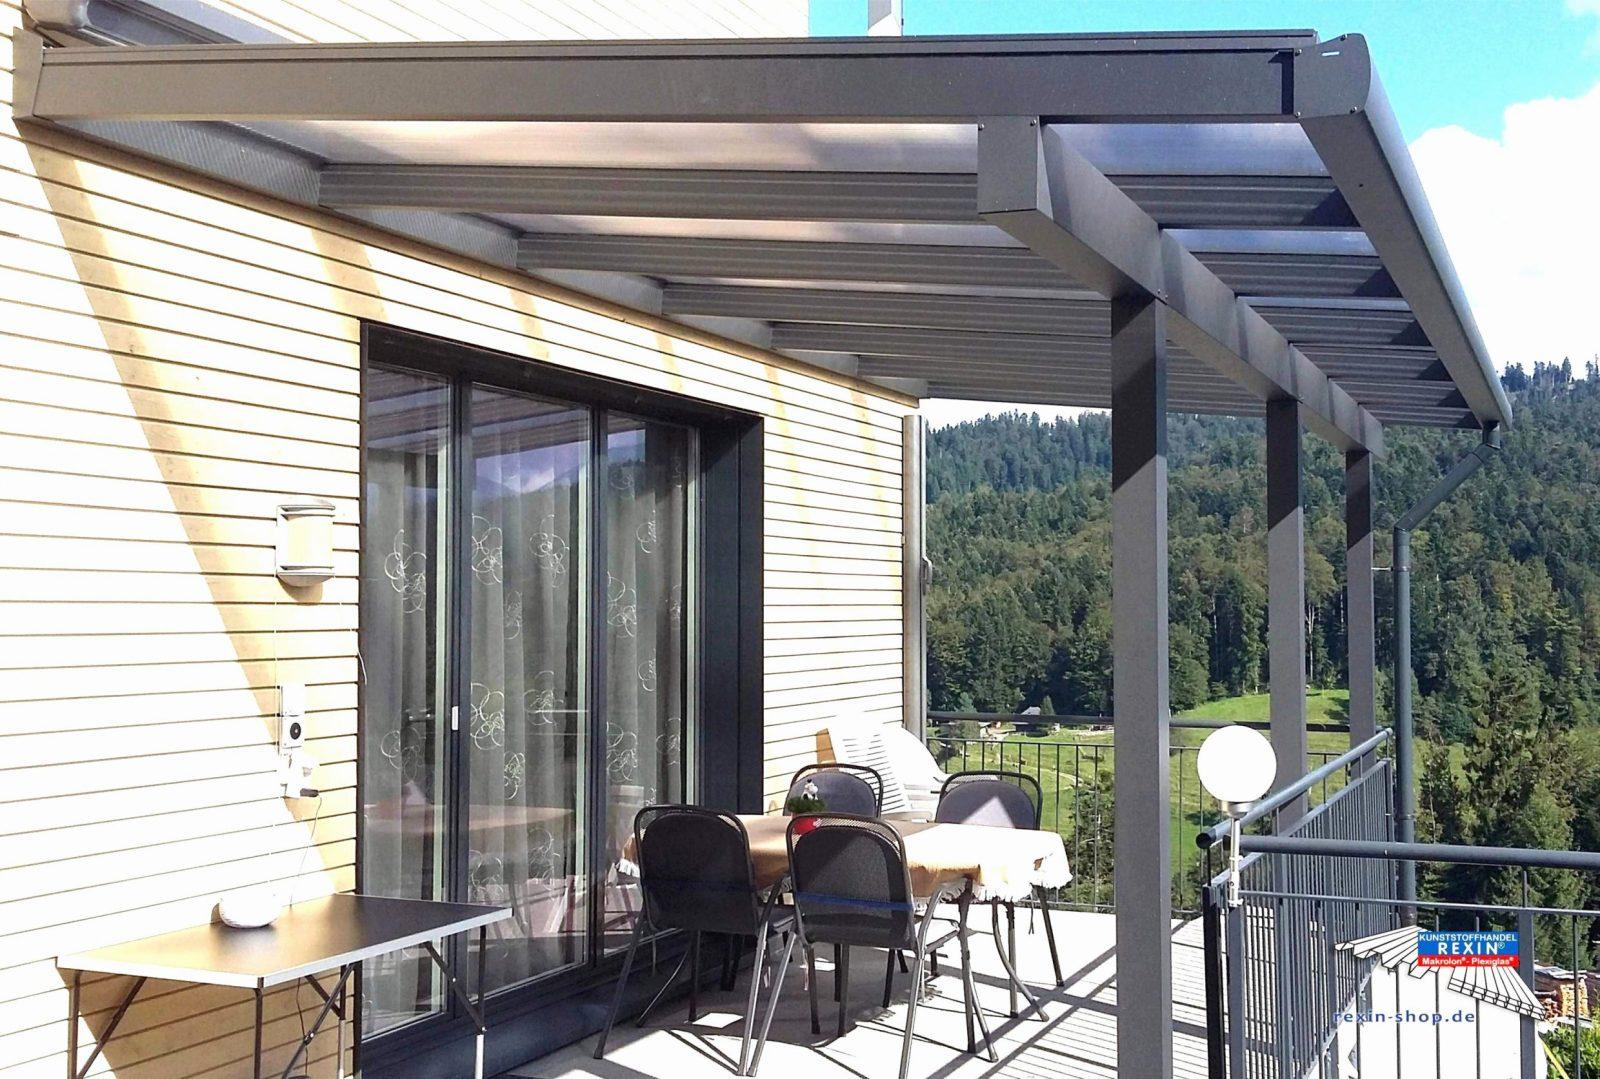 Sonnensegel Balkon Ohne Bohren Design Von Balkon Ohne Dach Regenschutz von Balkon Dach Ohne Bohren Photo